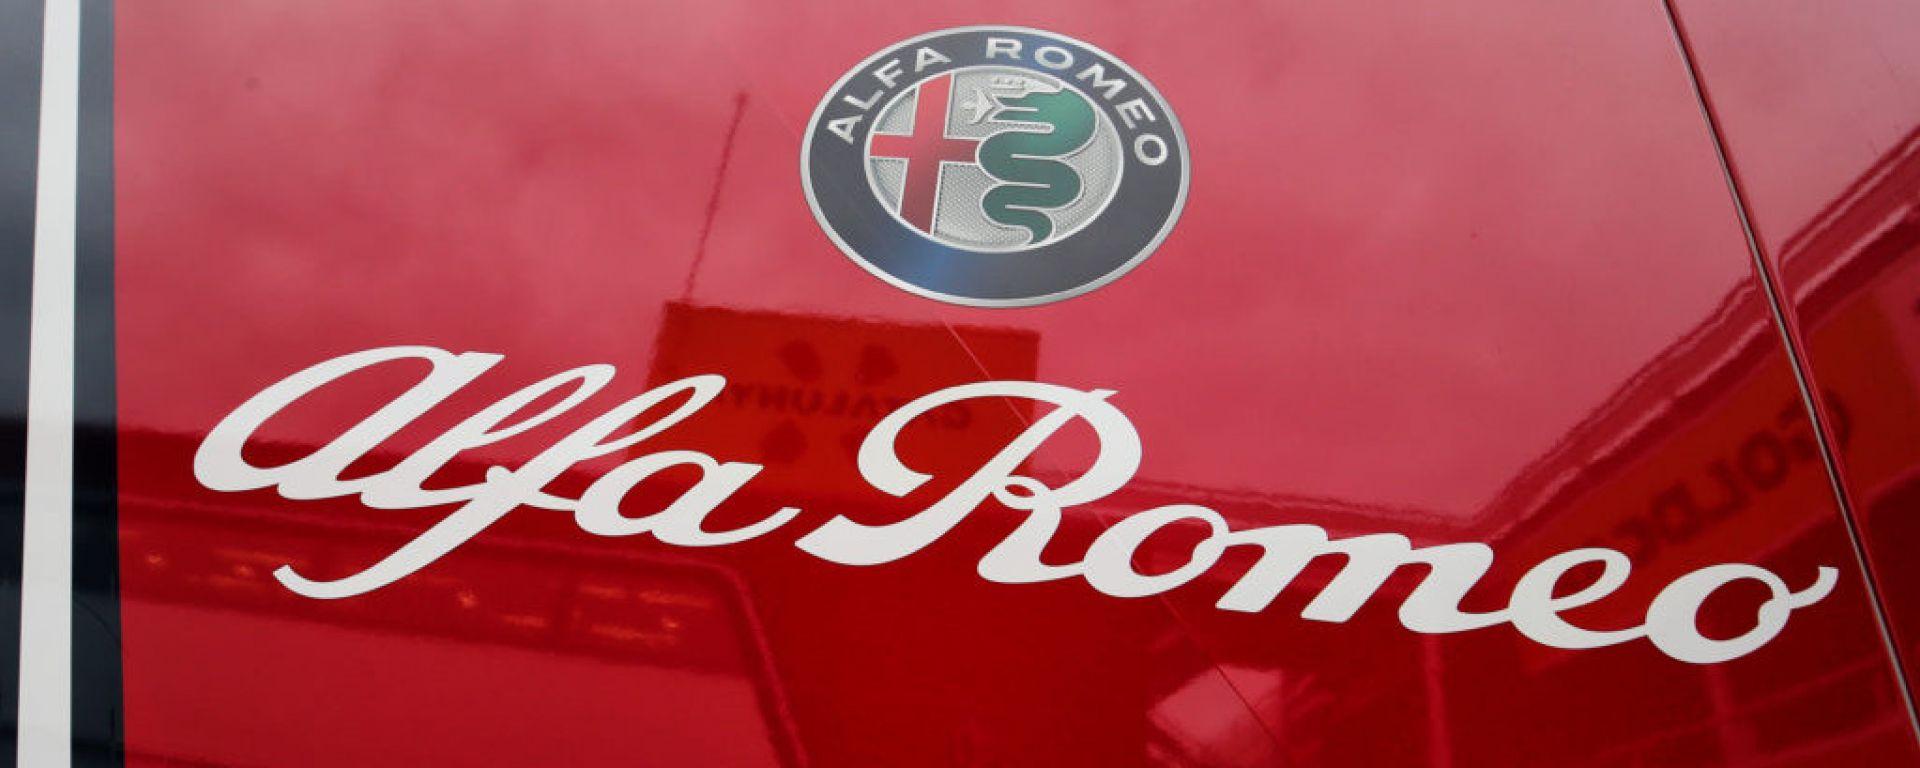 Formula 1, la Entry List ufficiale 2019. C'è l'Alfa Romeo